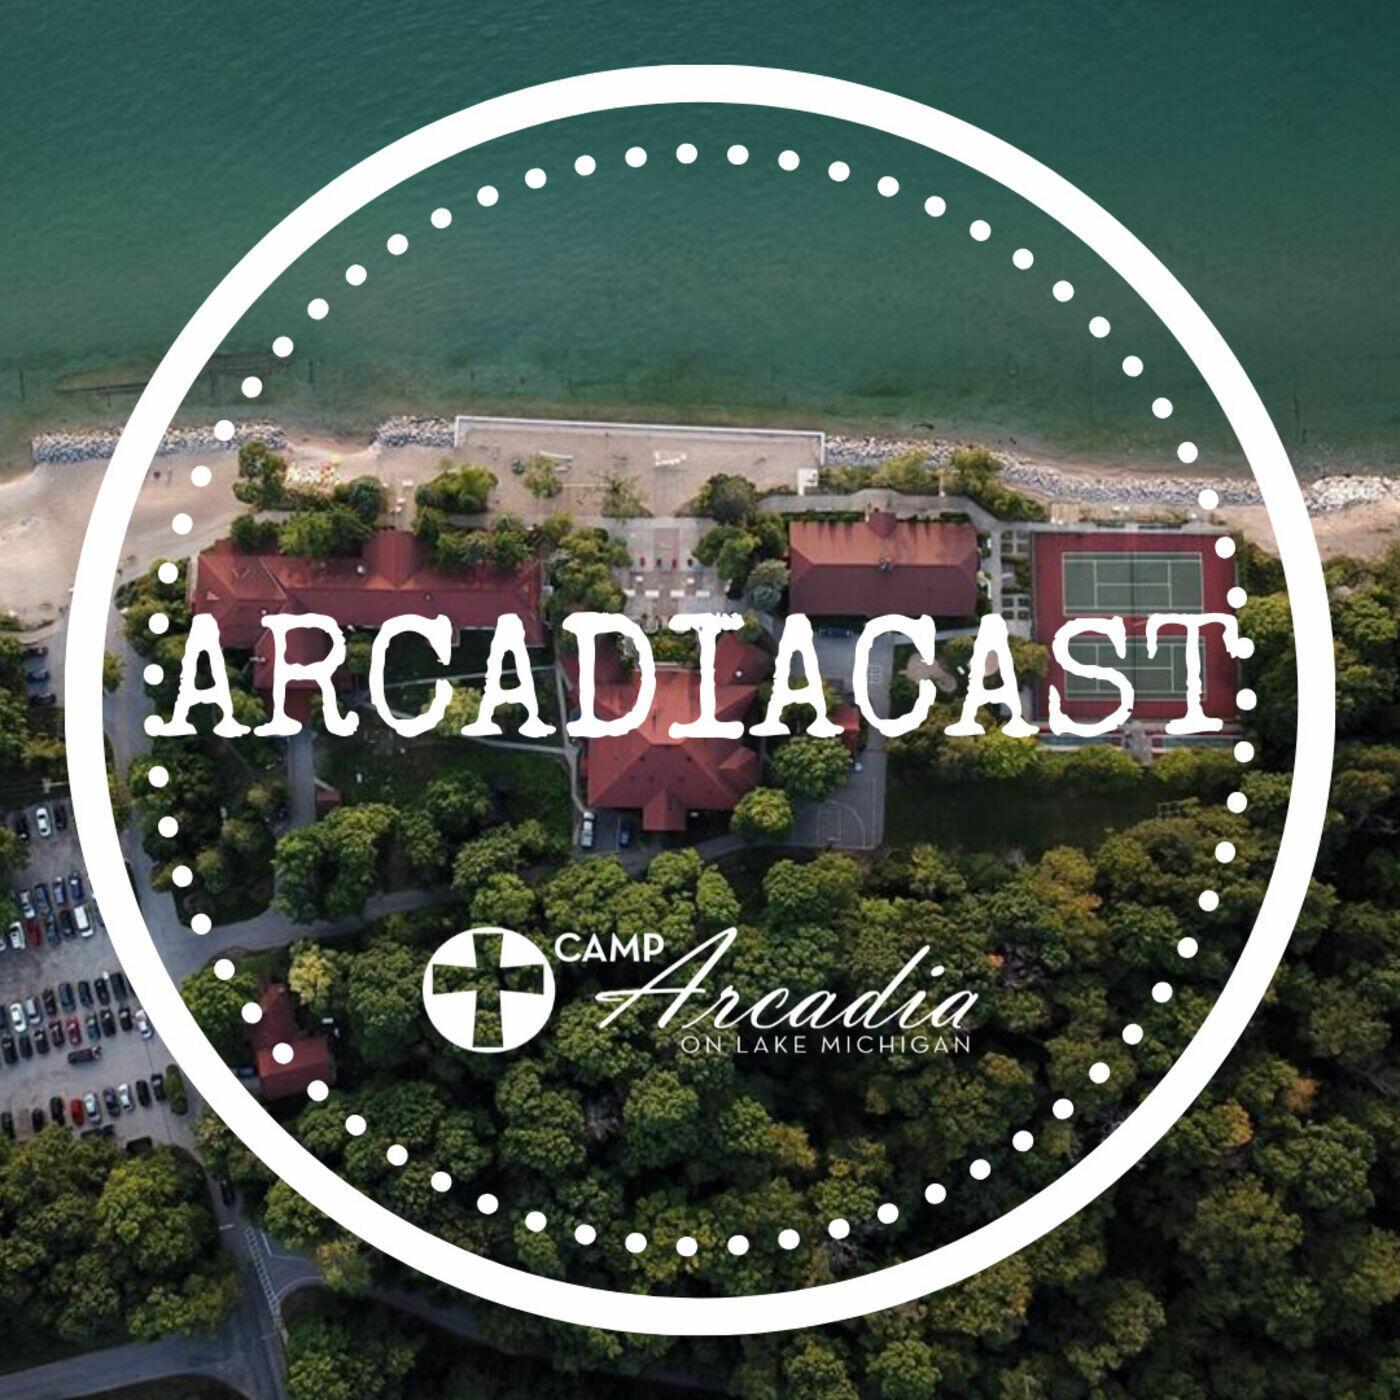 Arcadiacast